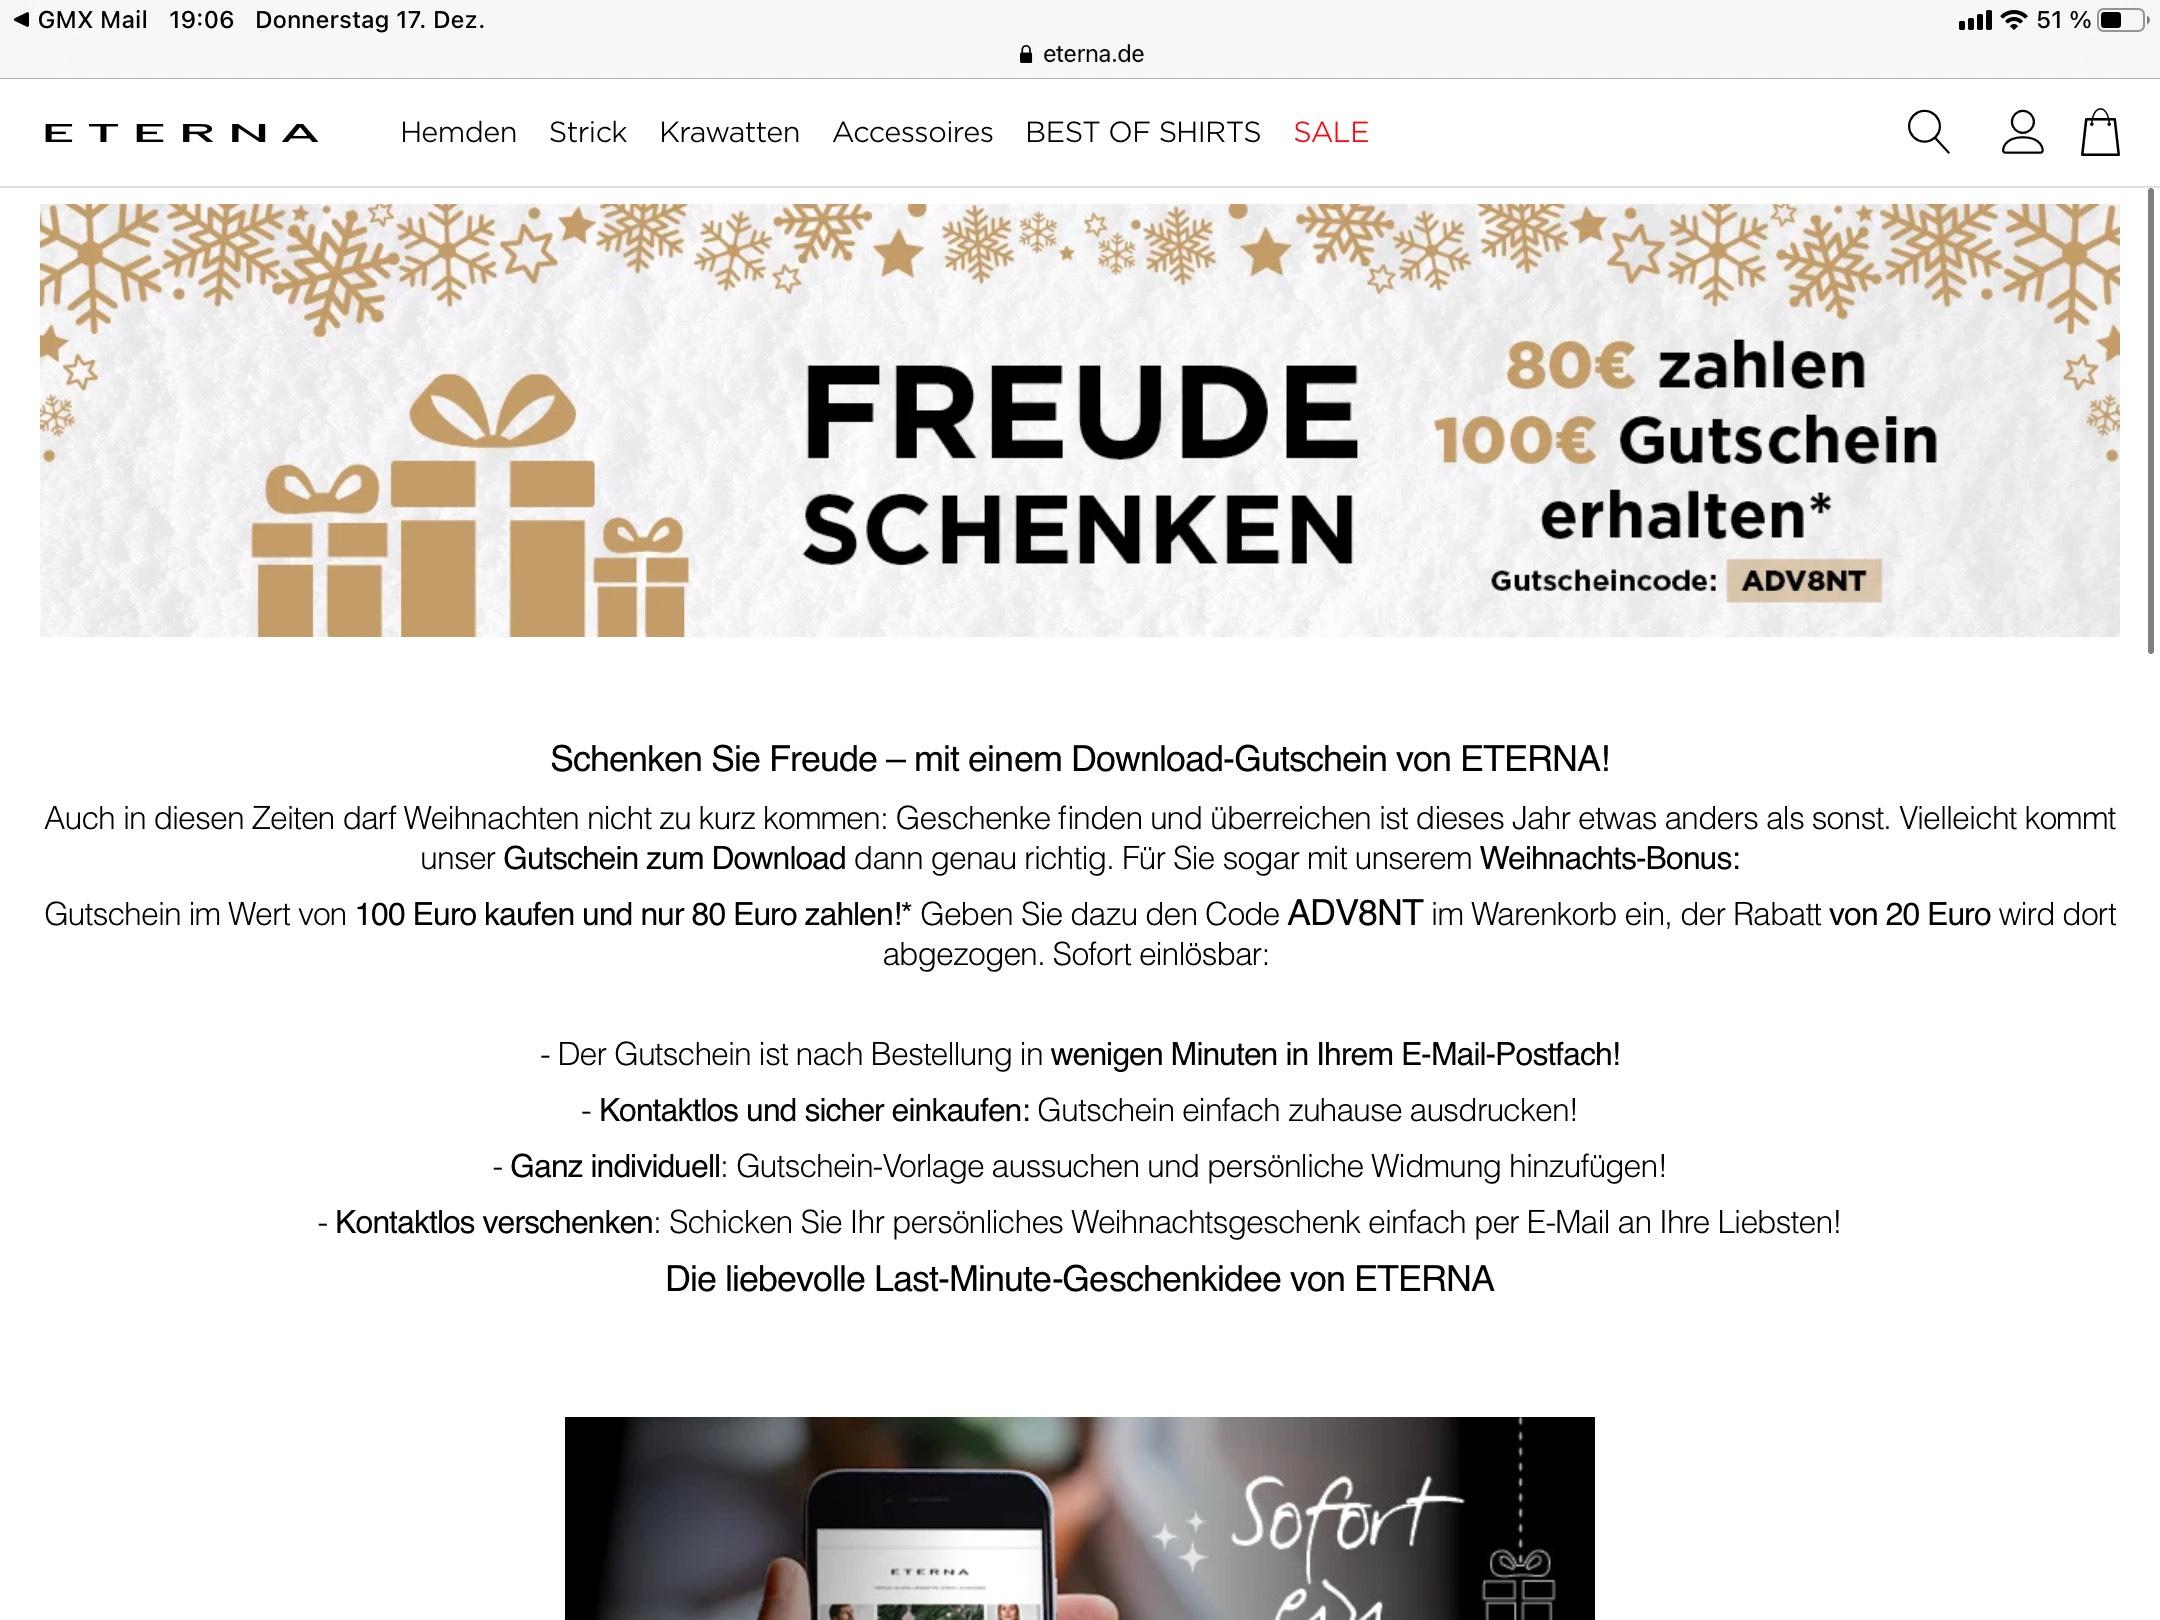 Eterna-Gutschein 100€ für 80€